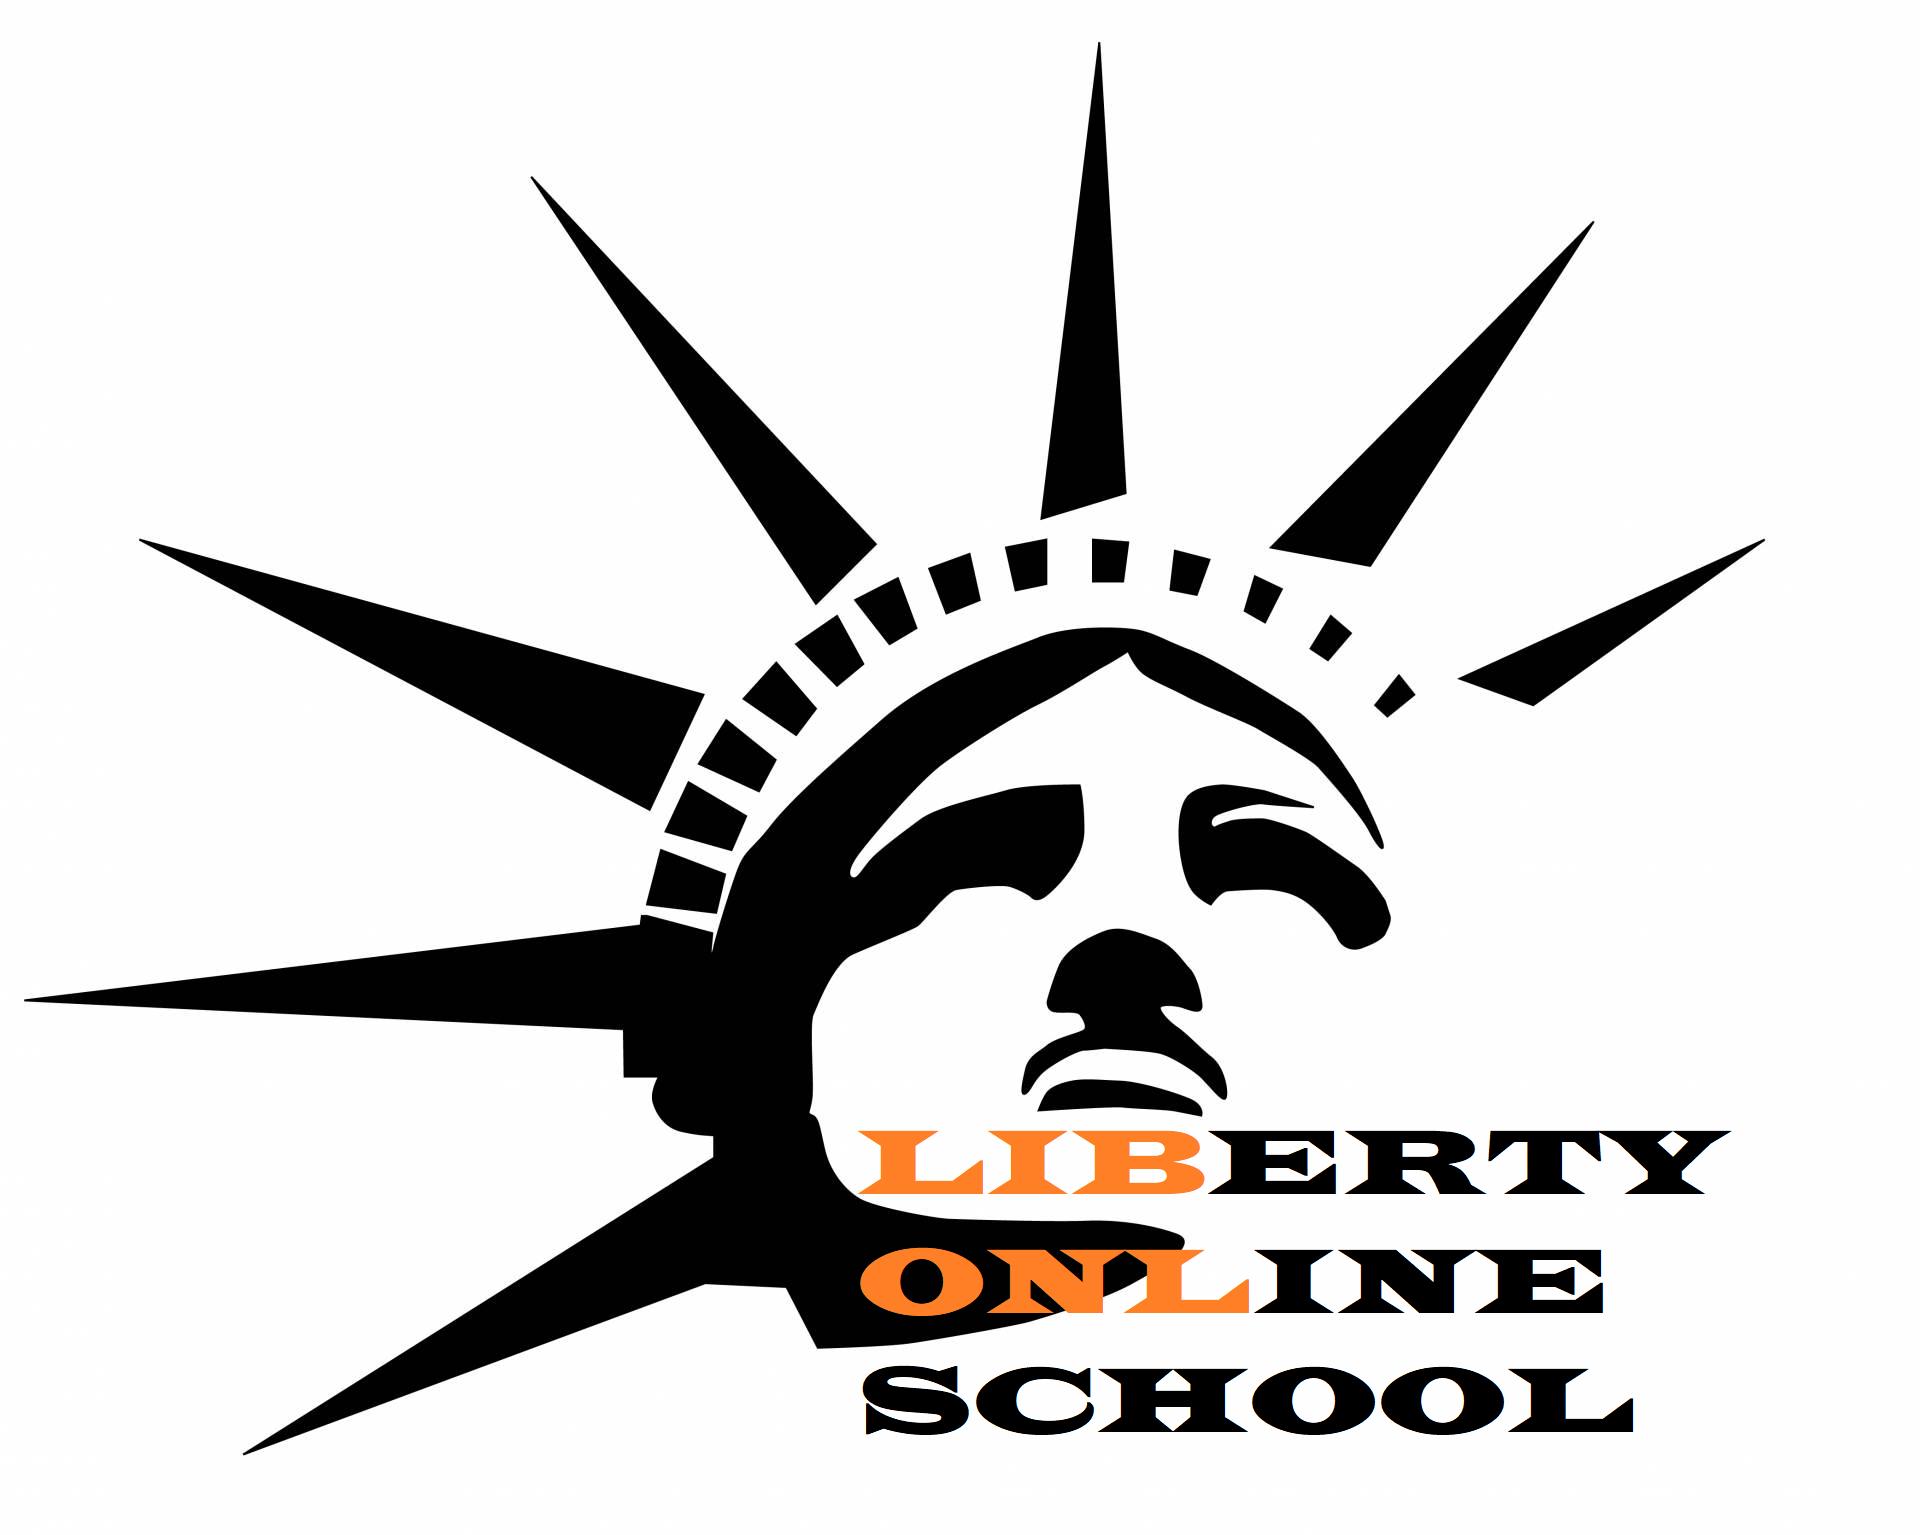 Liberty Online Schooling